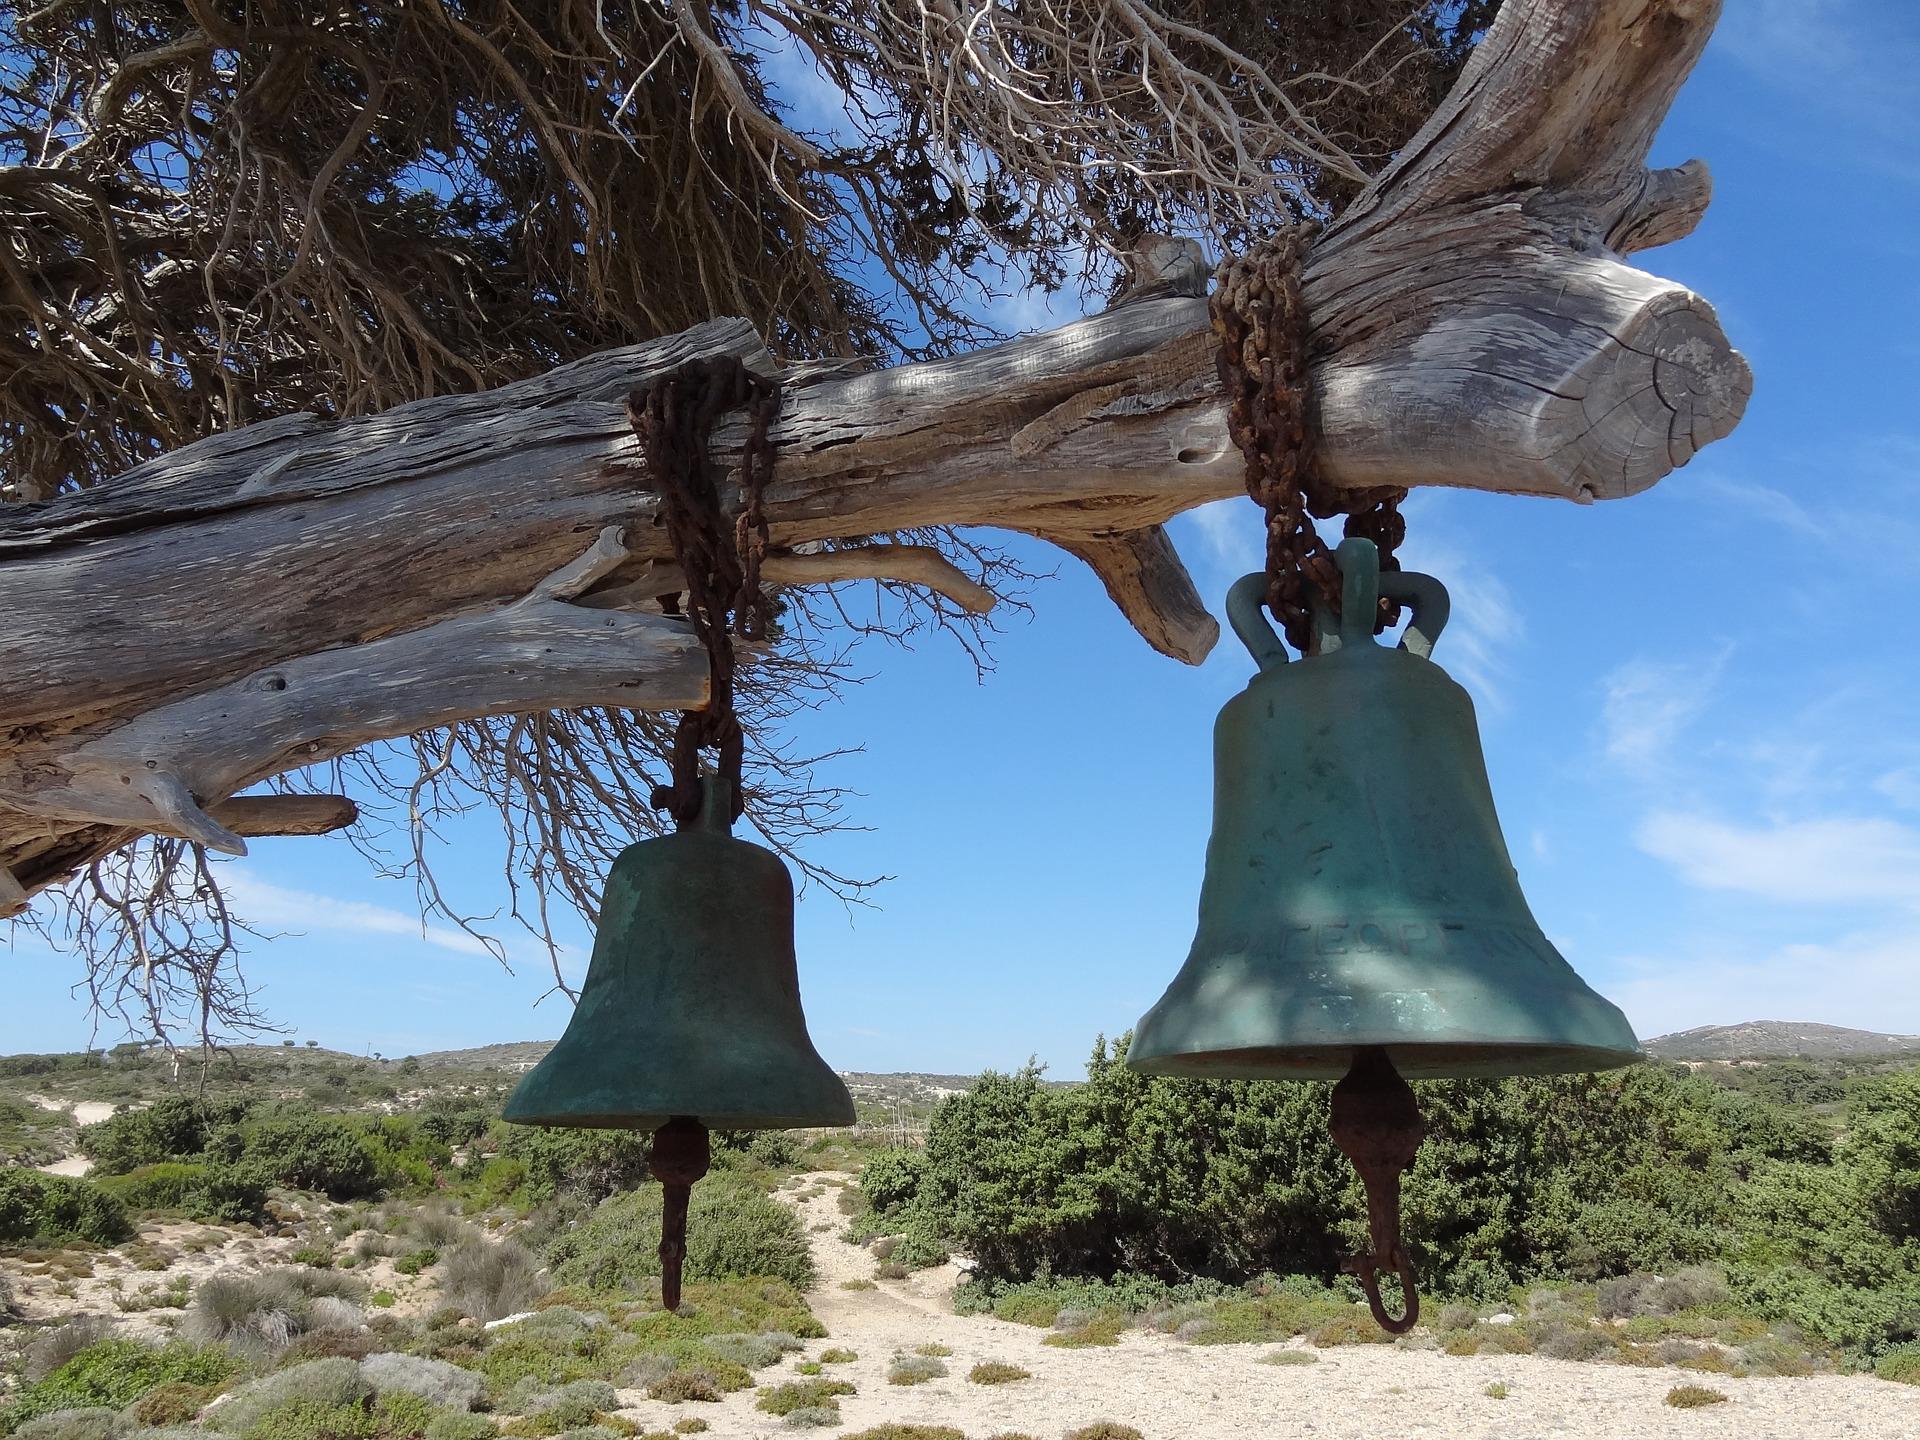 church-bell-2100191_1920